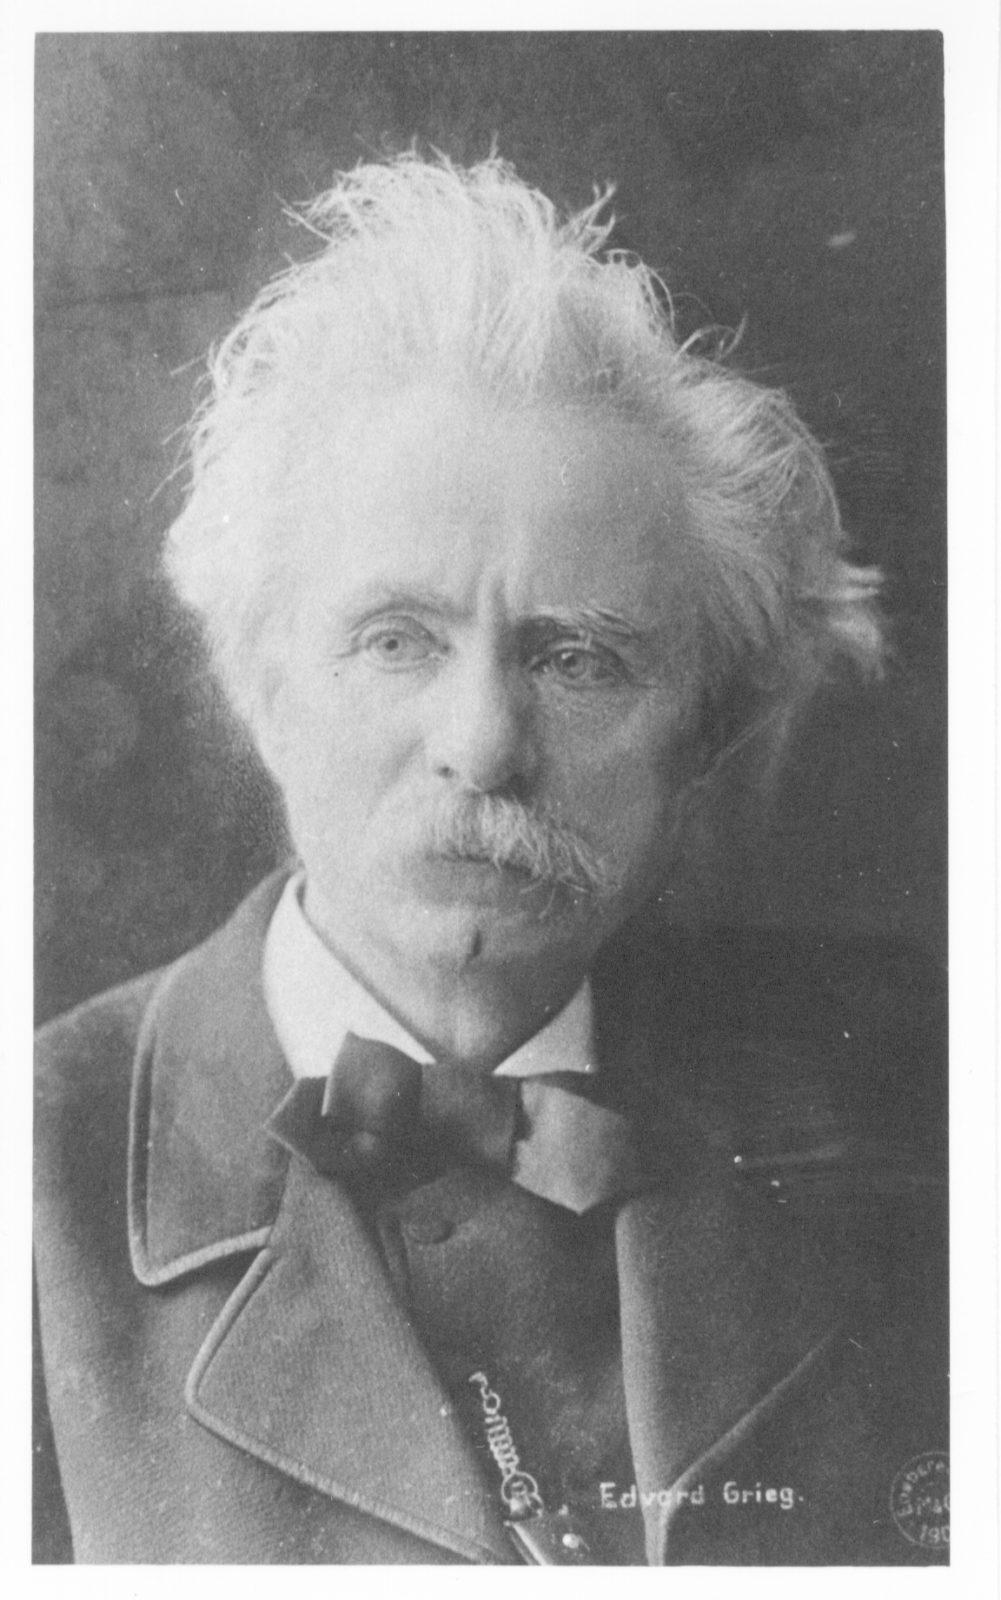 Edward Grieg portrait